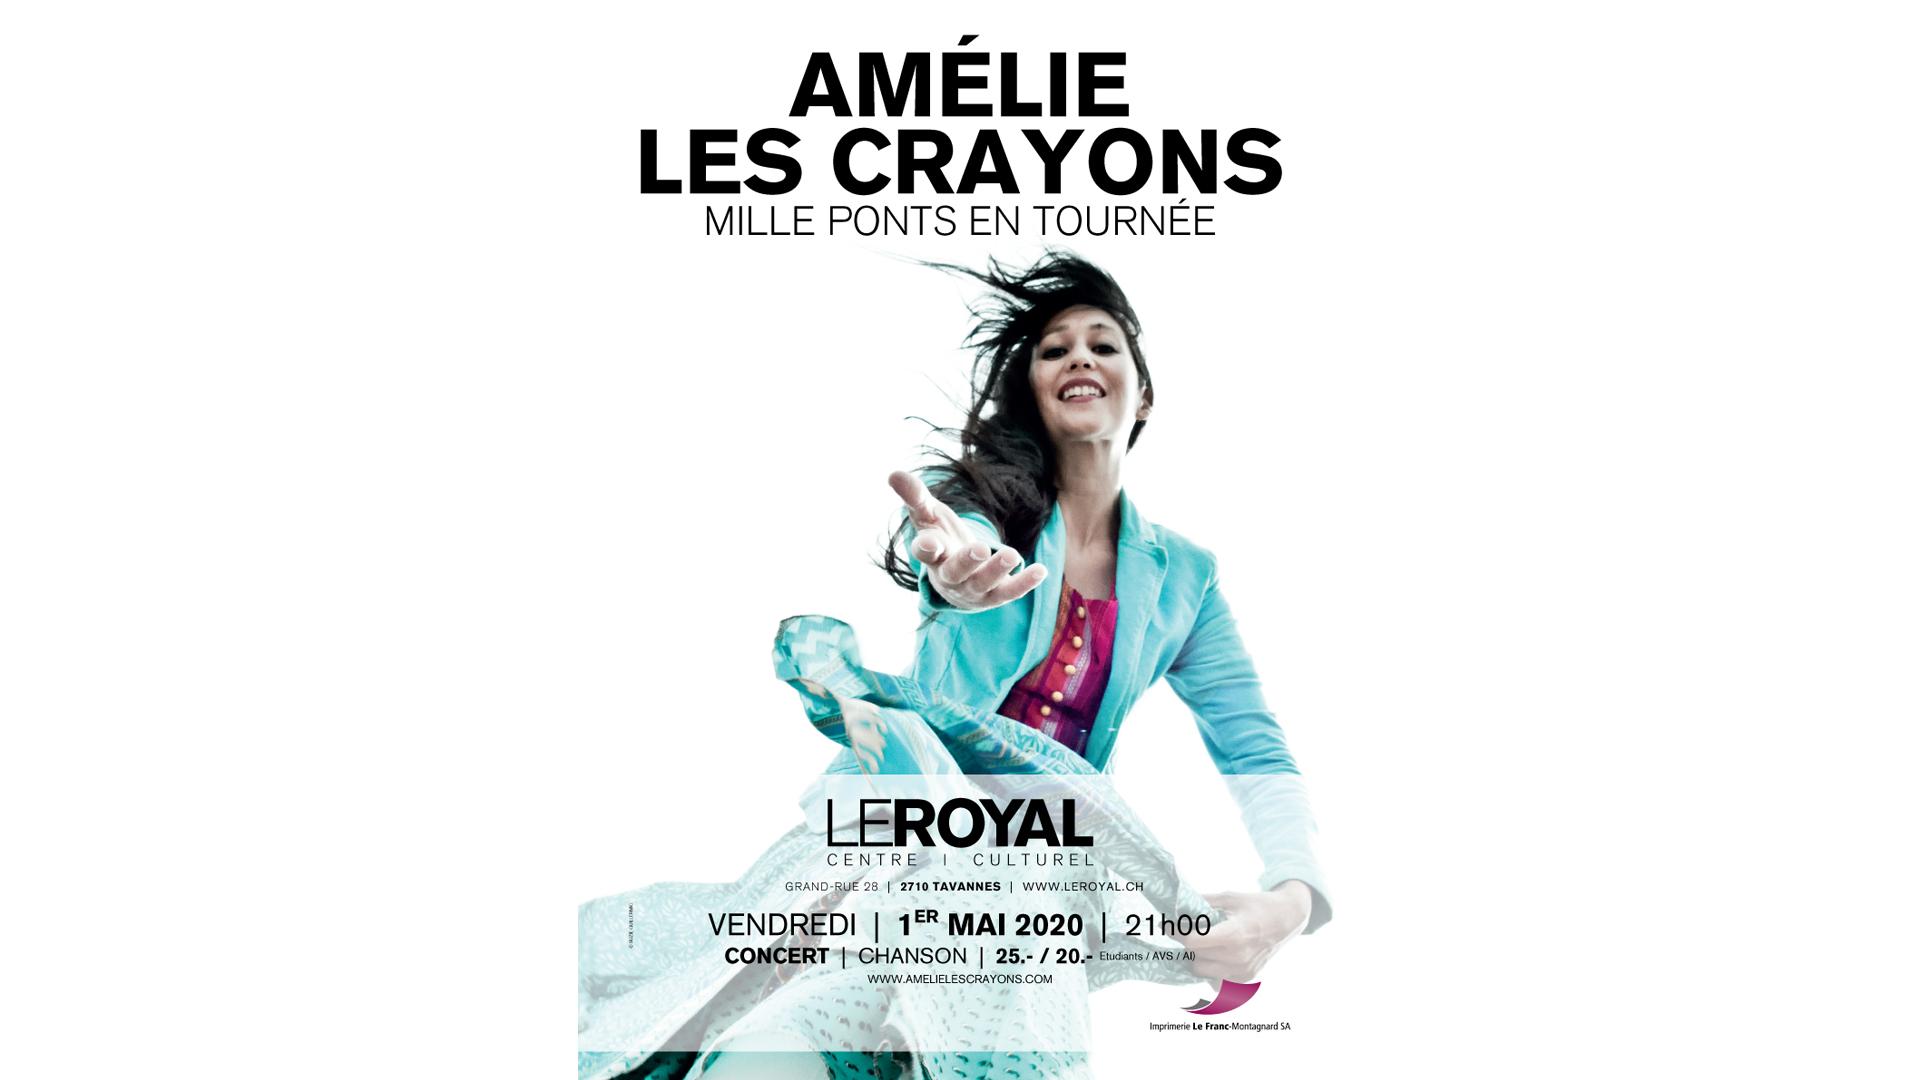 200501---AMELIE-LES-CRAYONS---Affiche-WEB